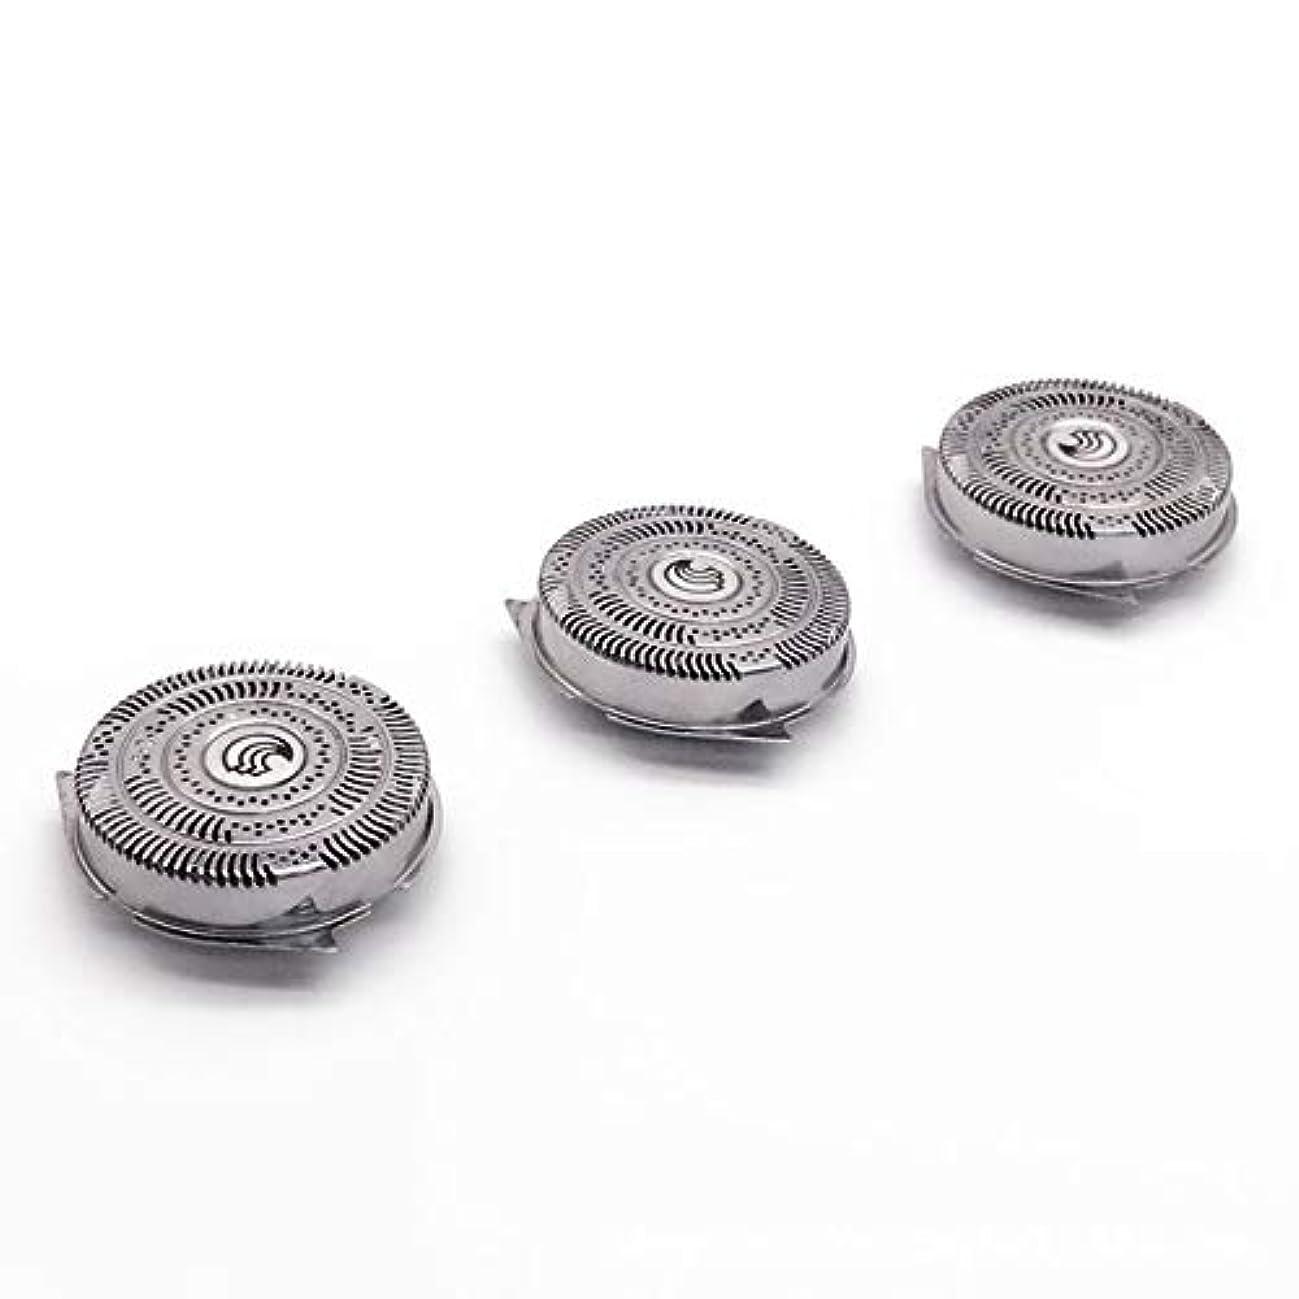 一族継承シルク3ピースシェーバーかみそり刃シェービングヘッド交換用フィットフィリップスHQ9070 HQ9080 HQ8240 / 8260 PT920ロータリーシェーバーアクセサリー(Color:silver)